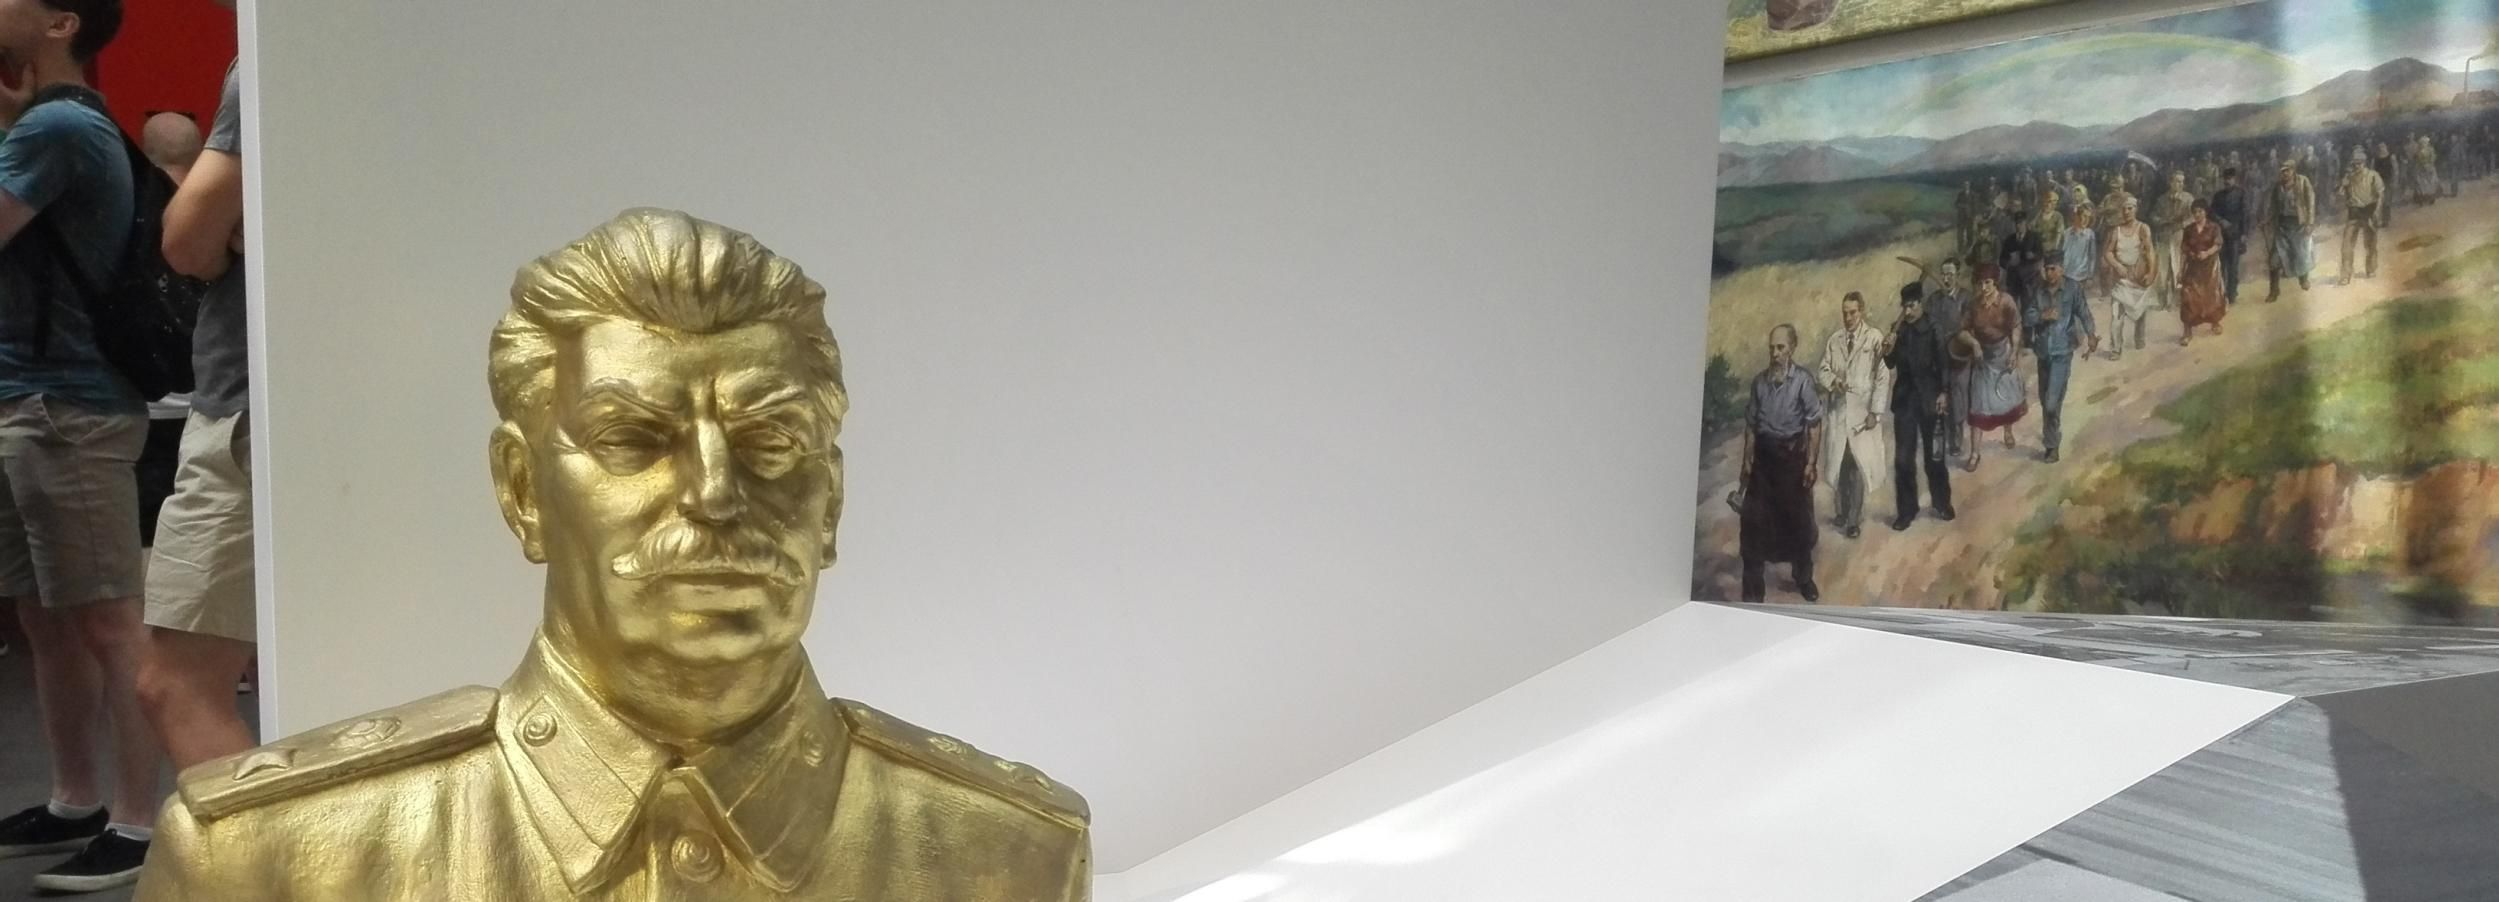 Prag: Kommunismusreise und Museumsbesuch